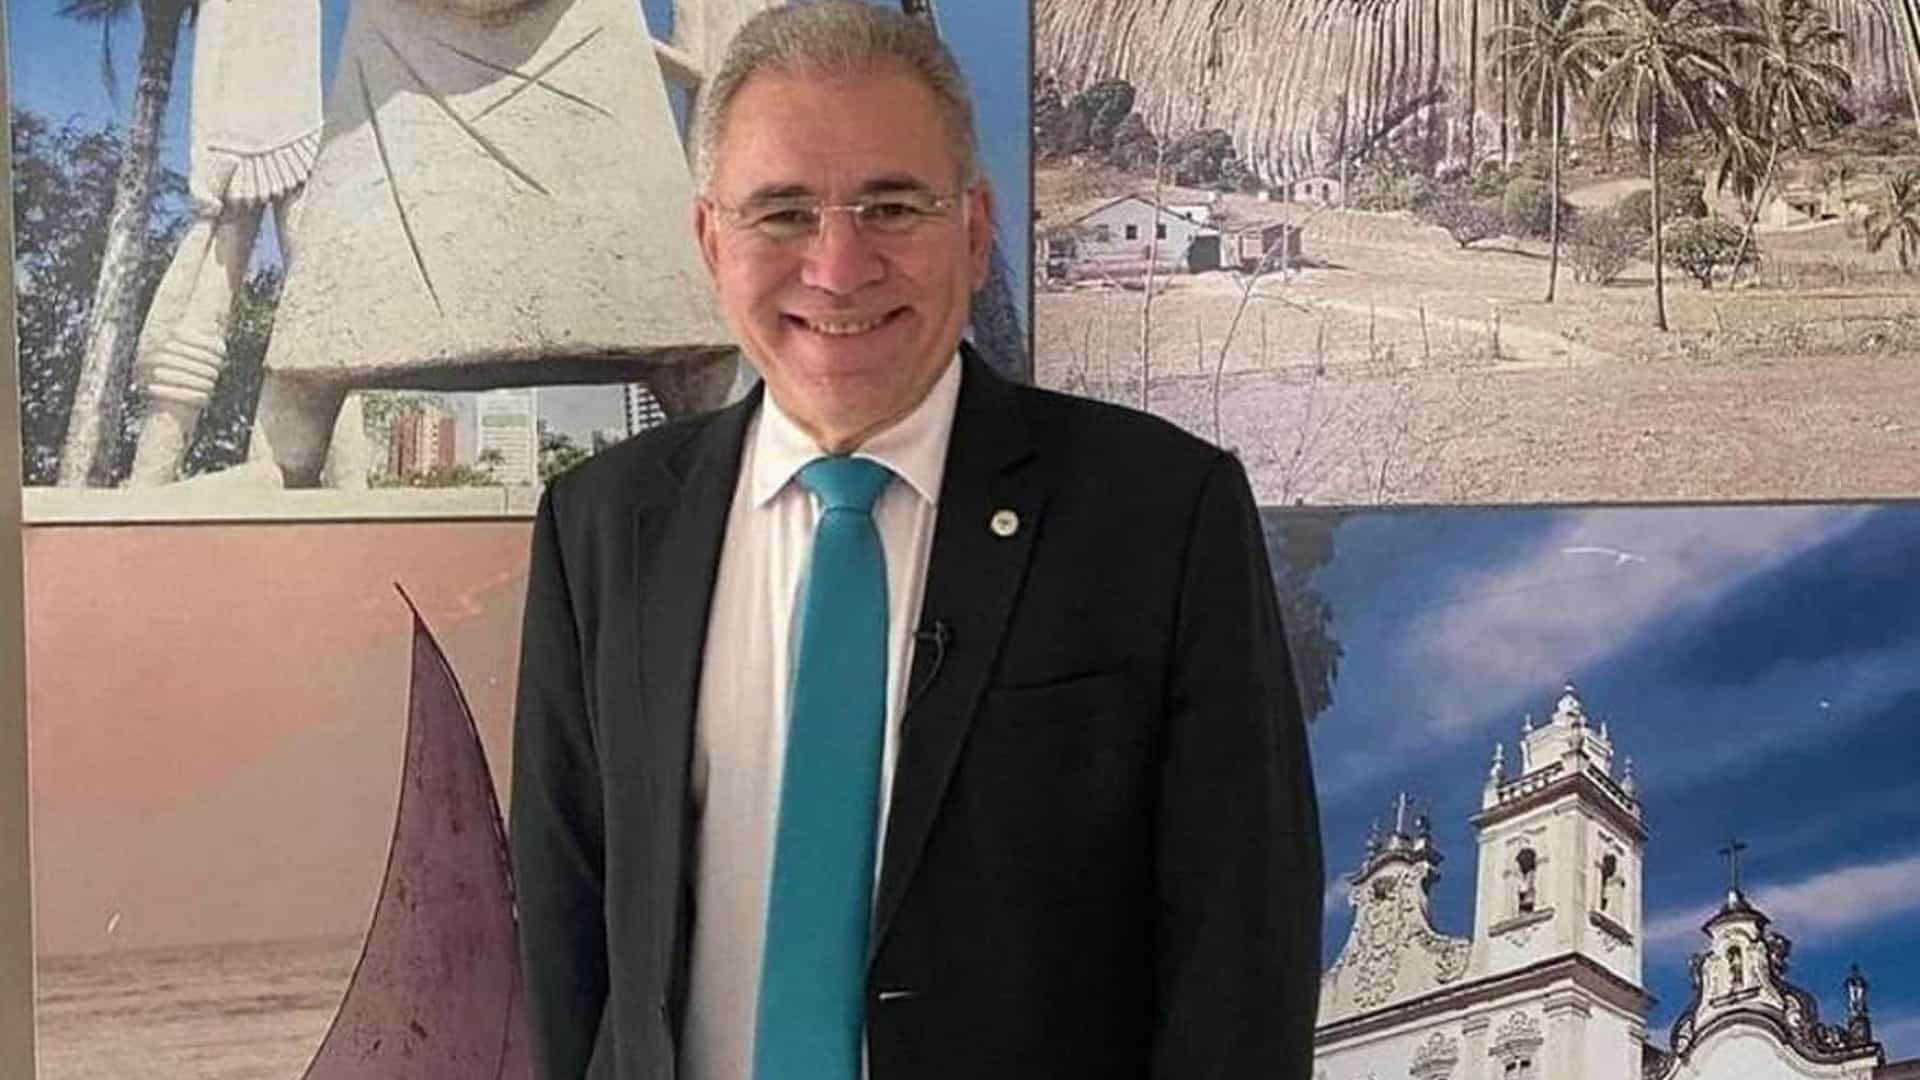 naom 604f5ce2718b6 1 - Quem é Marcelo Queiroga, o novo ministro da saúde; Confira biografia